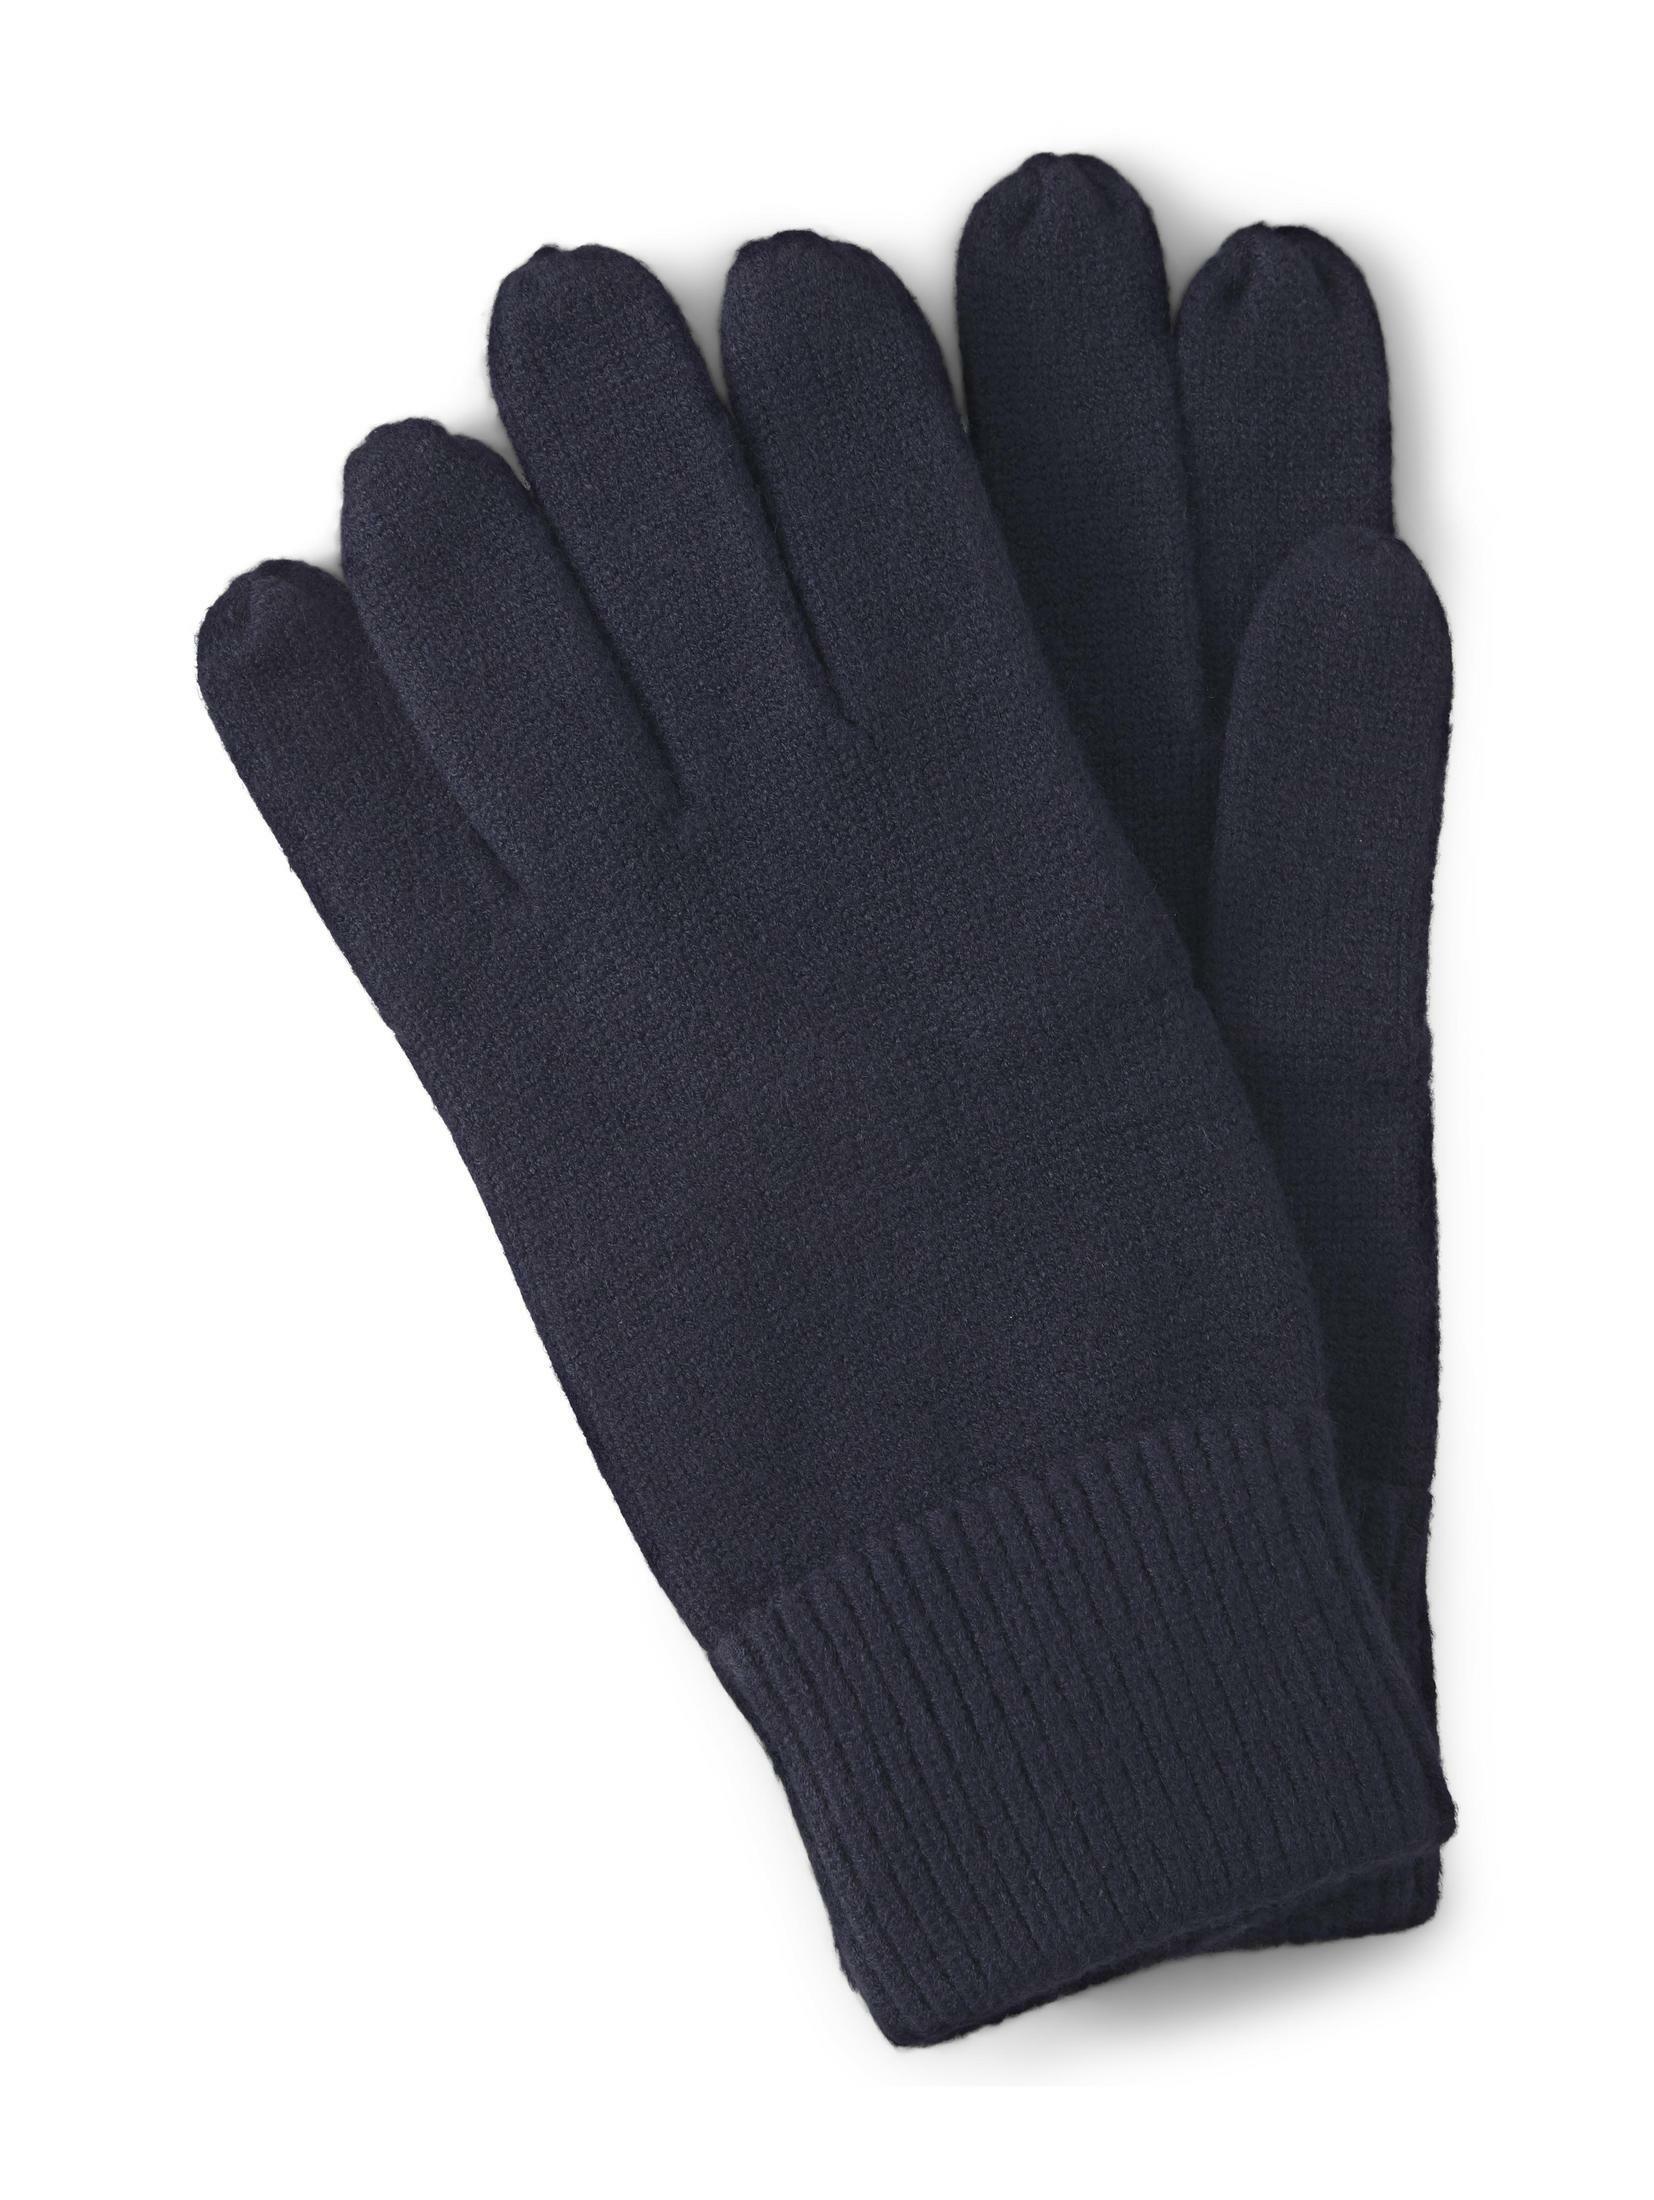 TOM TAILOR Baumwollhandschuhe Handschuhe mit Logo-Print | Accessoires > Handschuhe > Wollhandschuhe | Tom Tailor